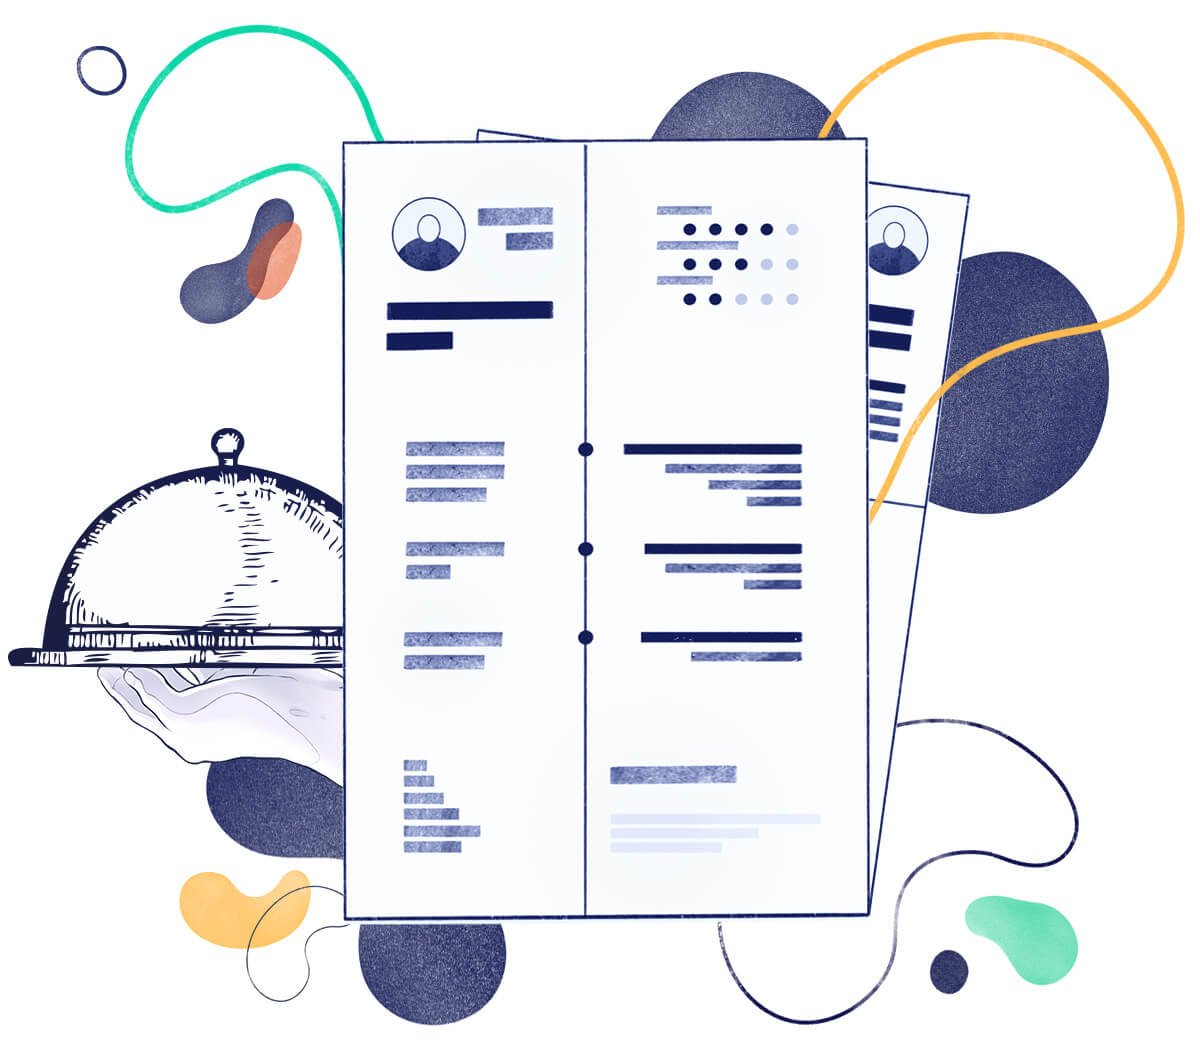 Restaurant Manager Cover Letter: Sample & Full Guide